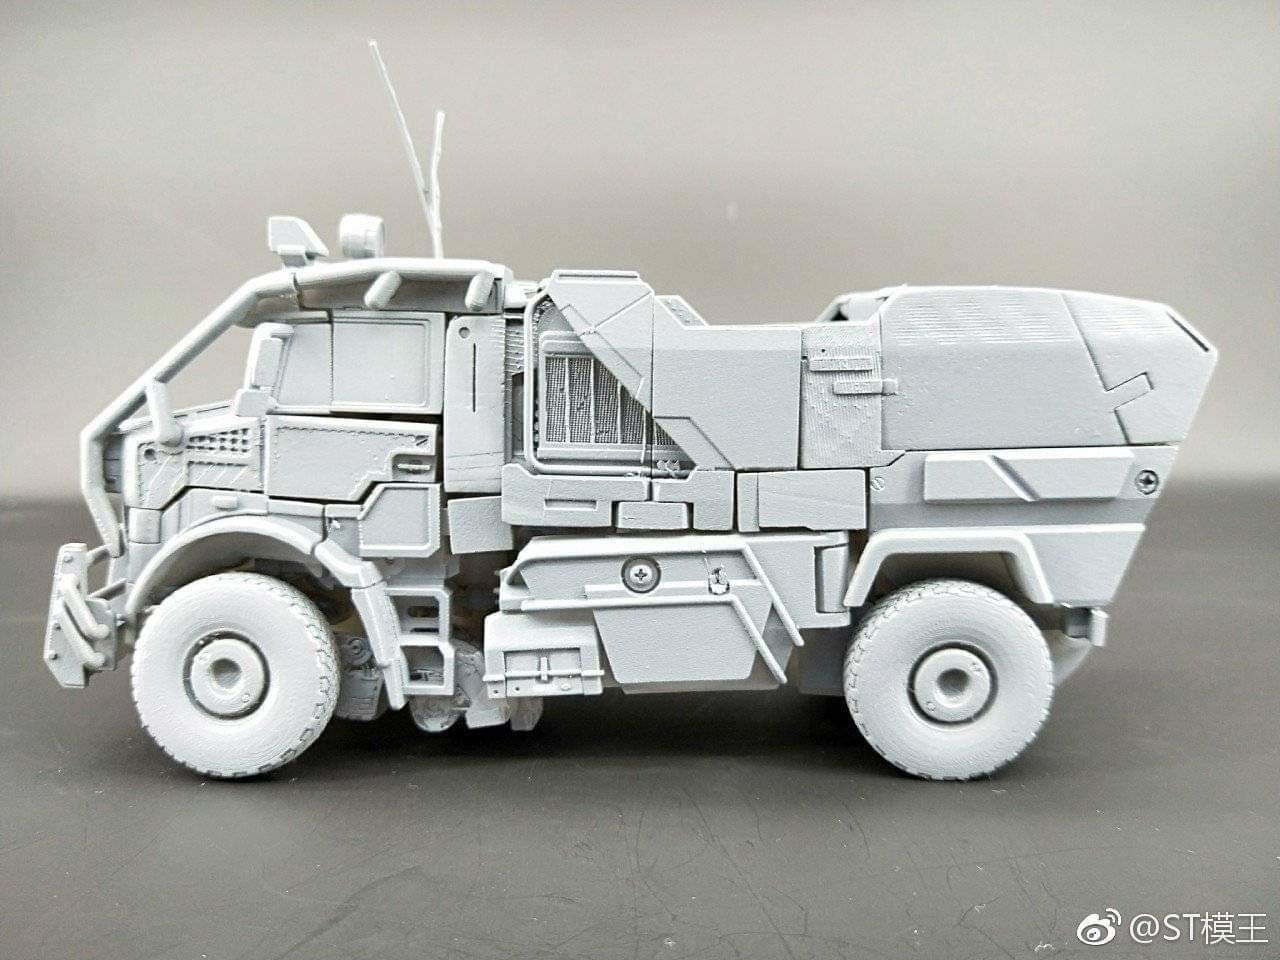 [Alien Attack Toys] Produit Tiers - STF - Basé sur les Films TF - Page 3 JQuENS2k_o